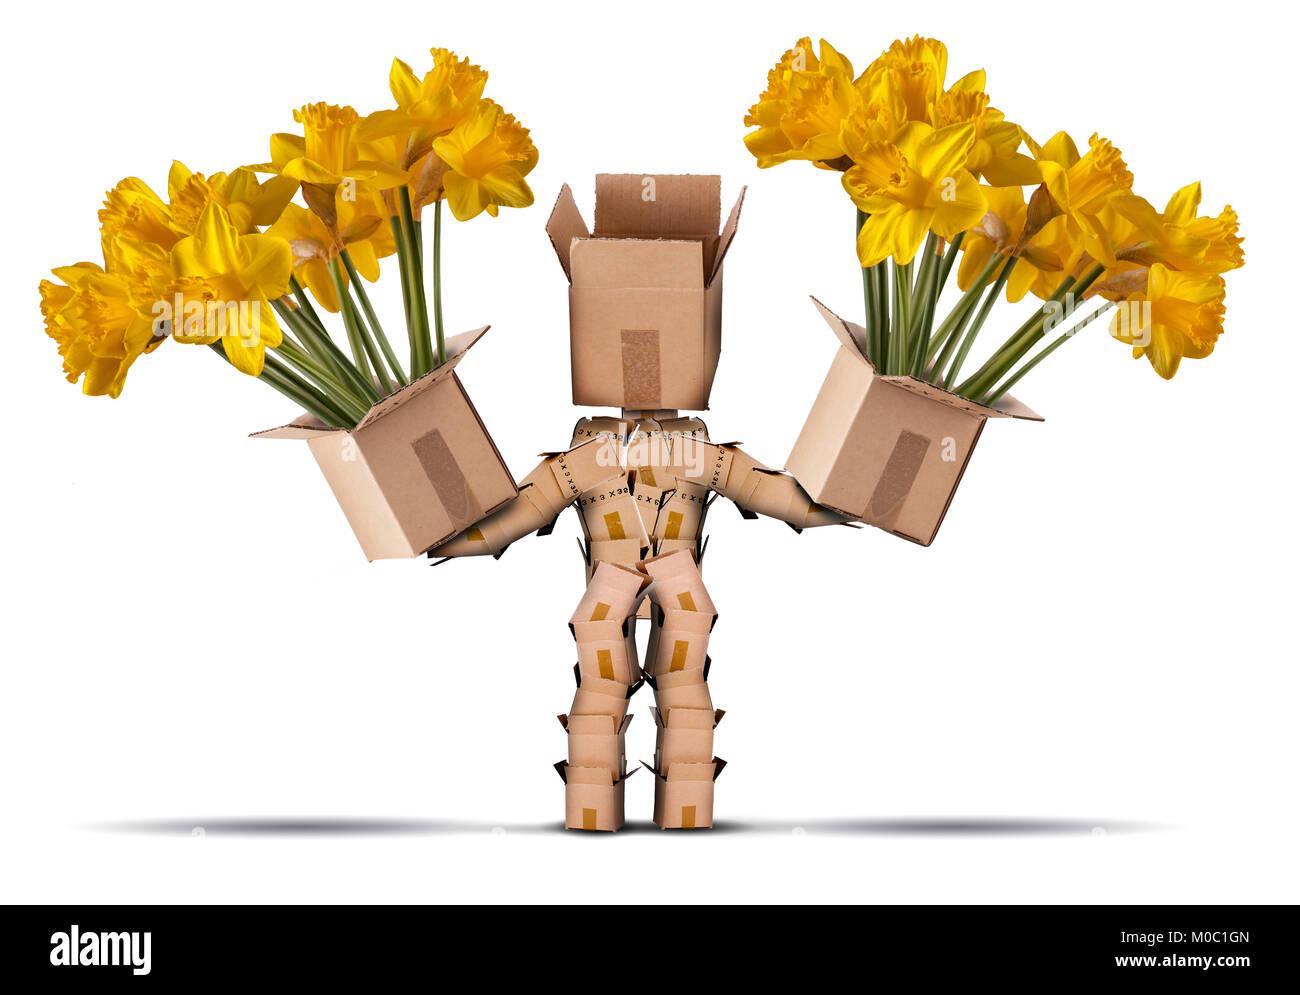 Box Charakter mit großen Boxen mit gelben Blumen. Auf einem weißen Hintergrund. Blume Lieferung oder Geschenk Stockbild